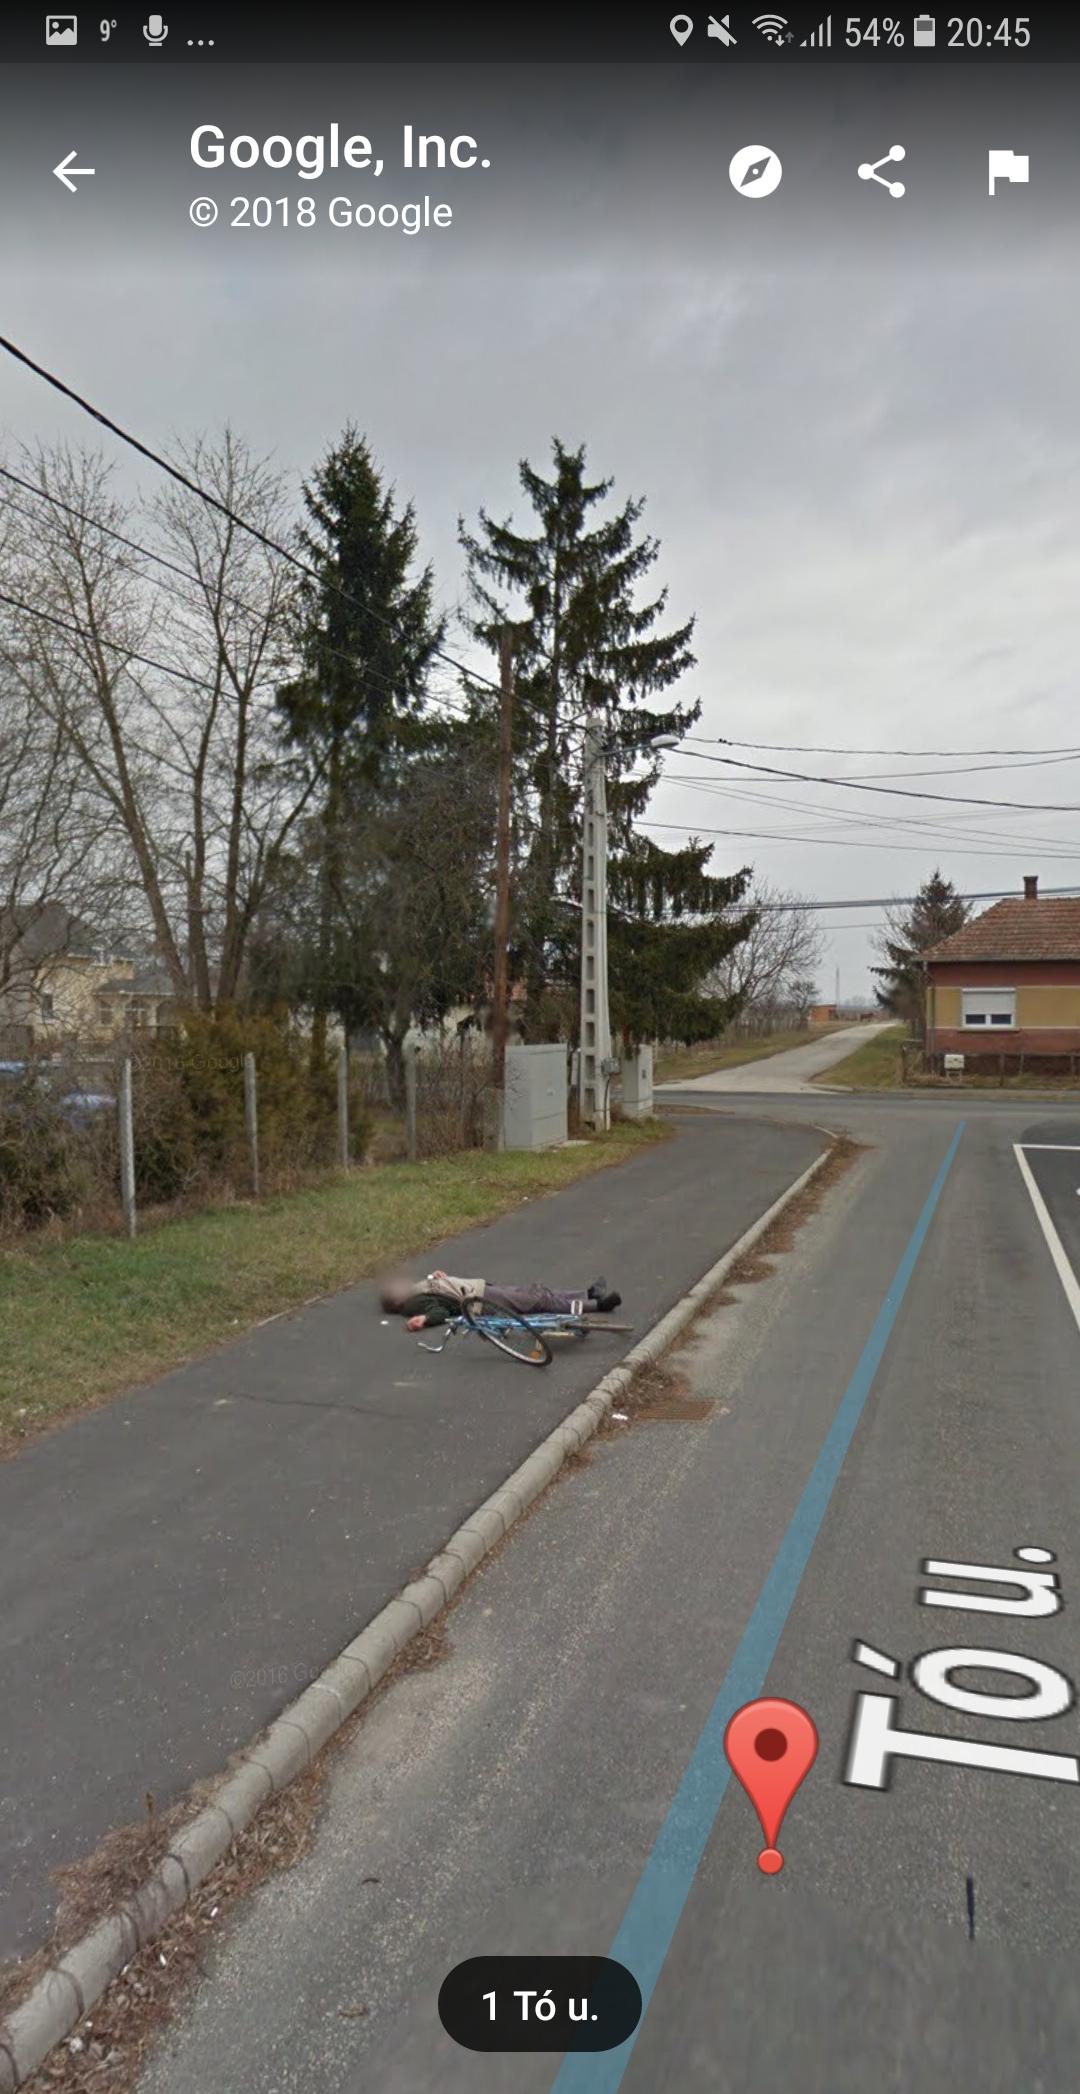 Reszegek Kurvak Es Zsivanyok A Google Maps En Itmania Hu